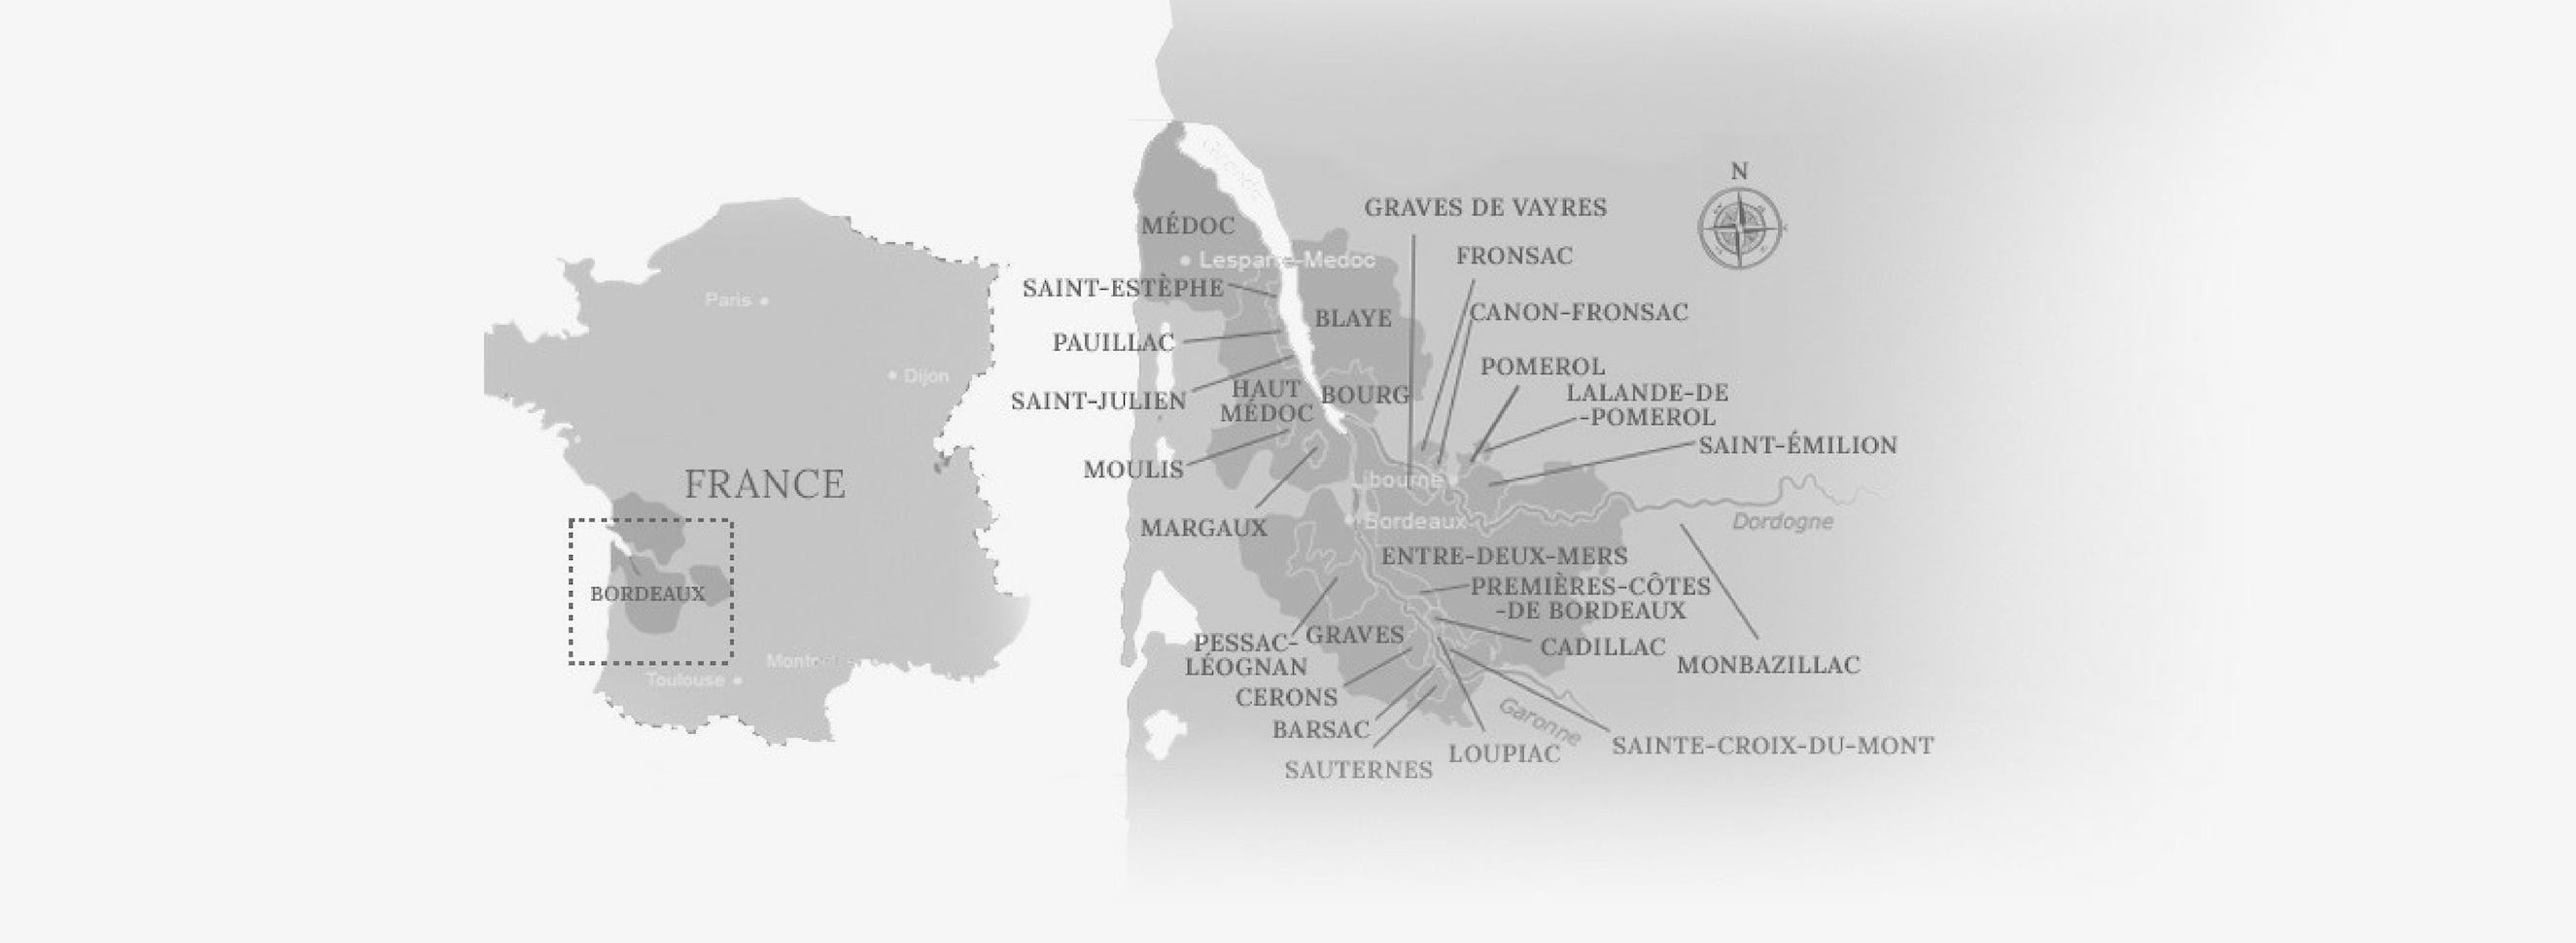 Bordeaux 2018: An overview